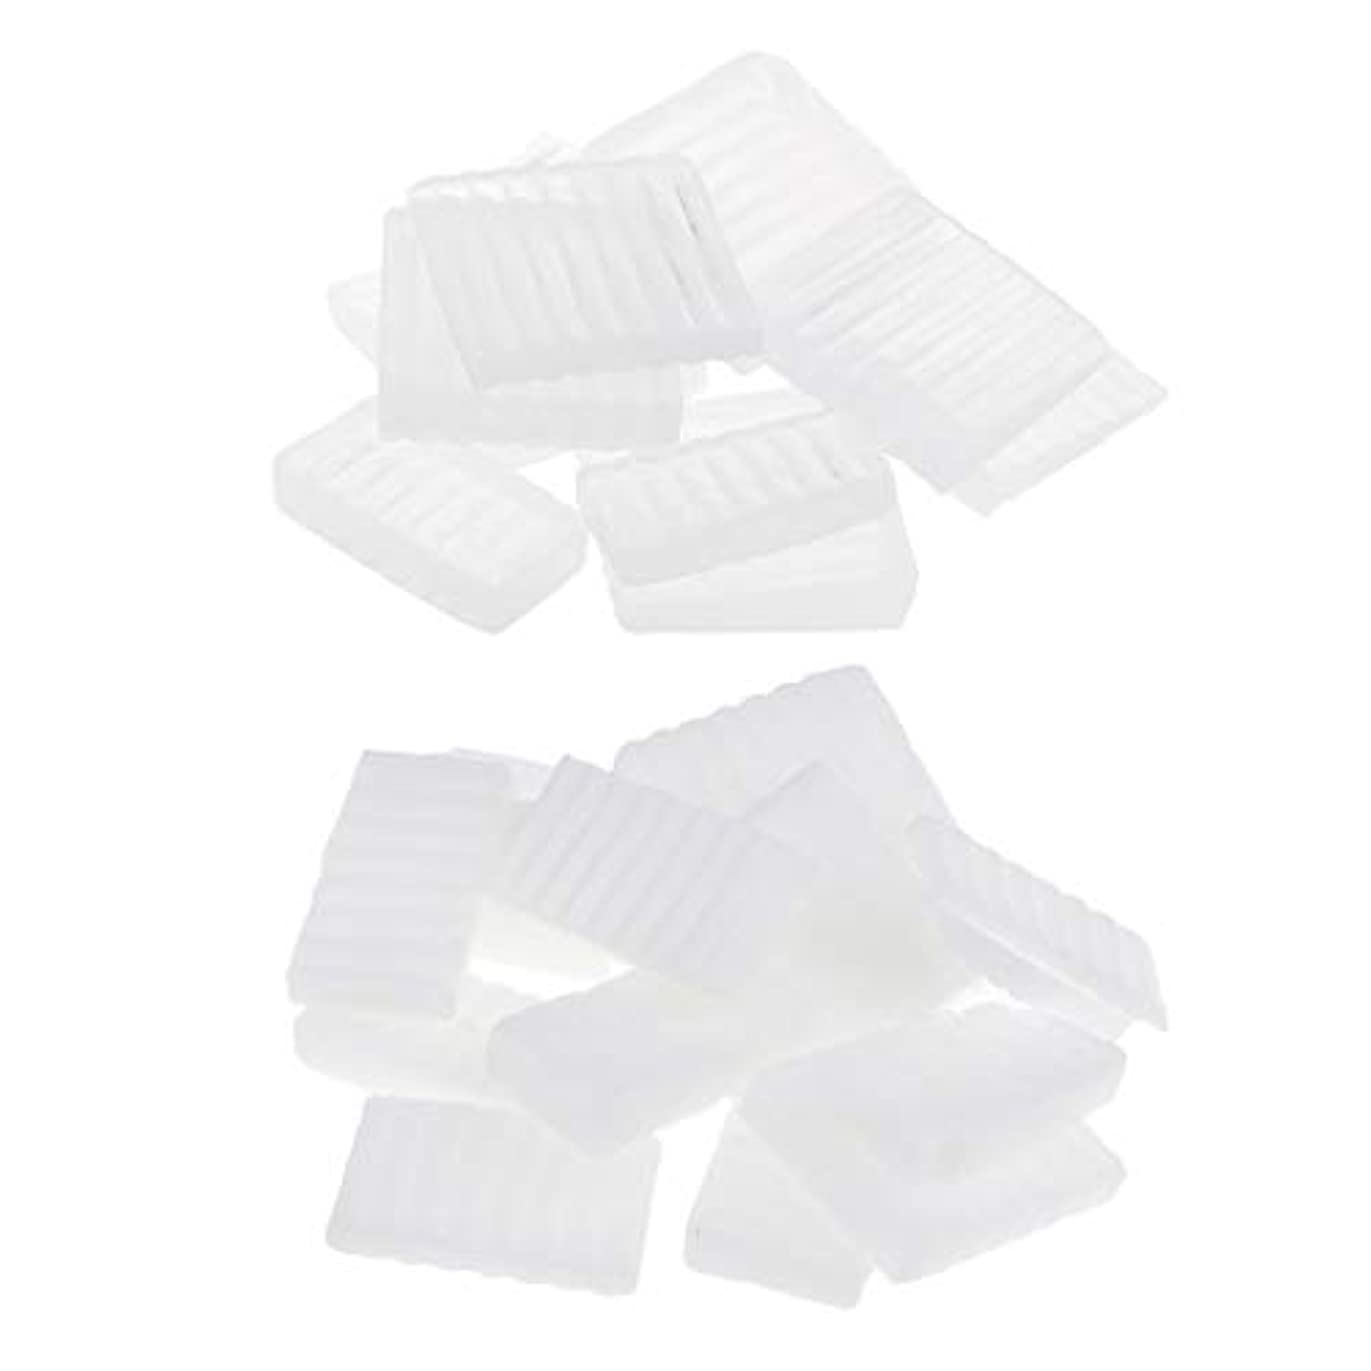 発疹結核と組む石鹸作り 約1000g 白色 石鹸ベース DIY ハンドメイド 石鹸材料